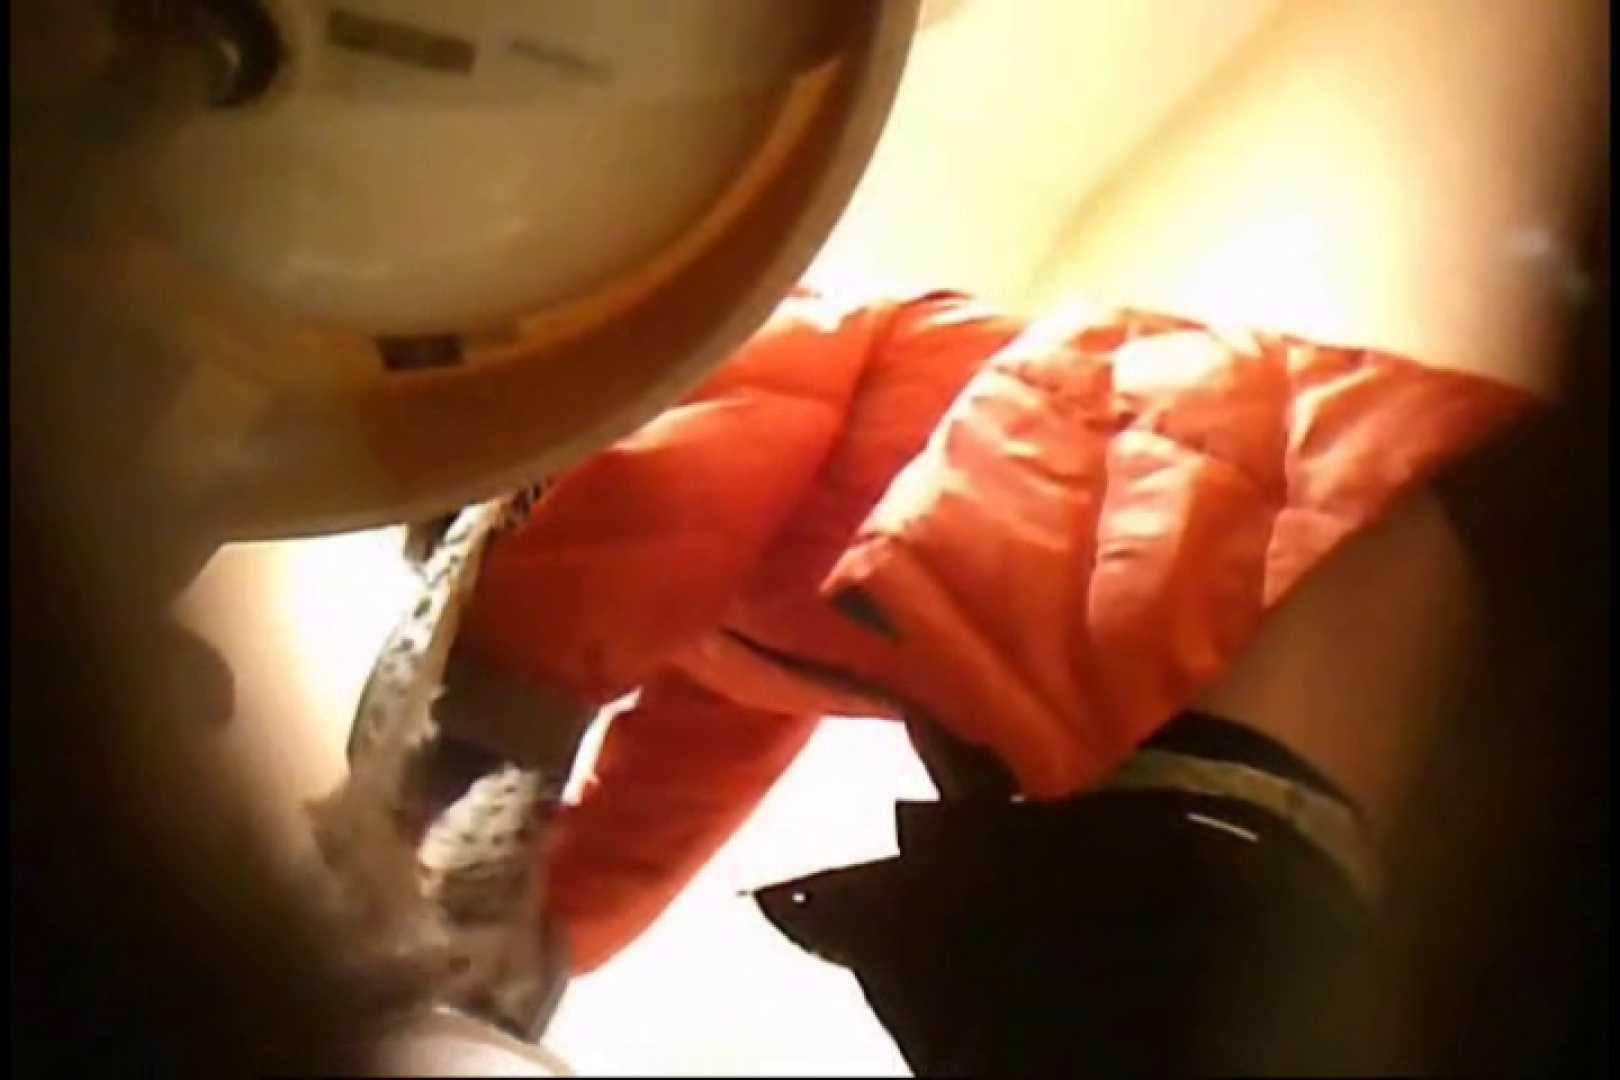 画質向上!新亀さん厠 vol.01 黄金水 ワレメ動画紹介 107PIX 4